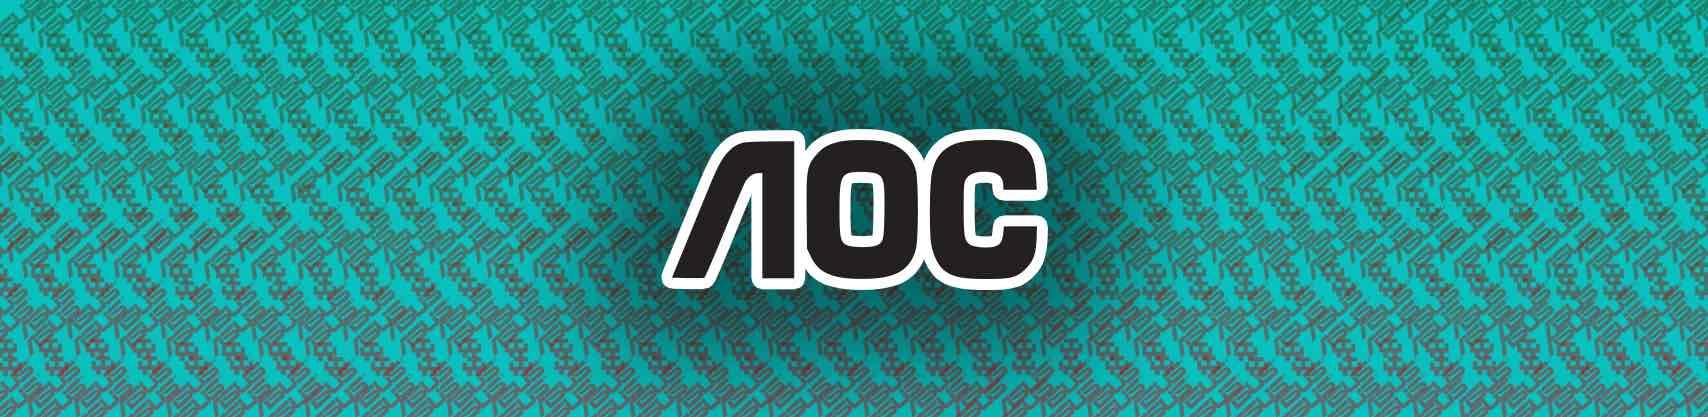 AOC U3277PWQU Manual